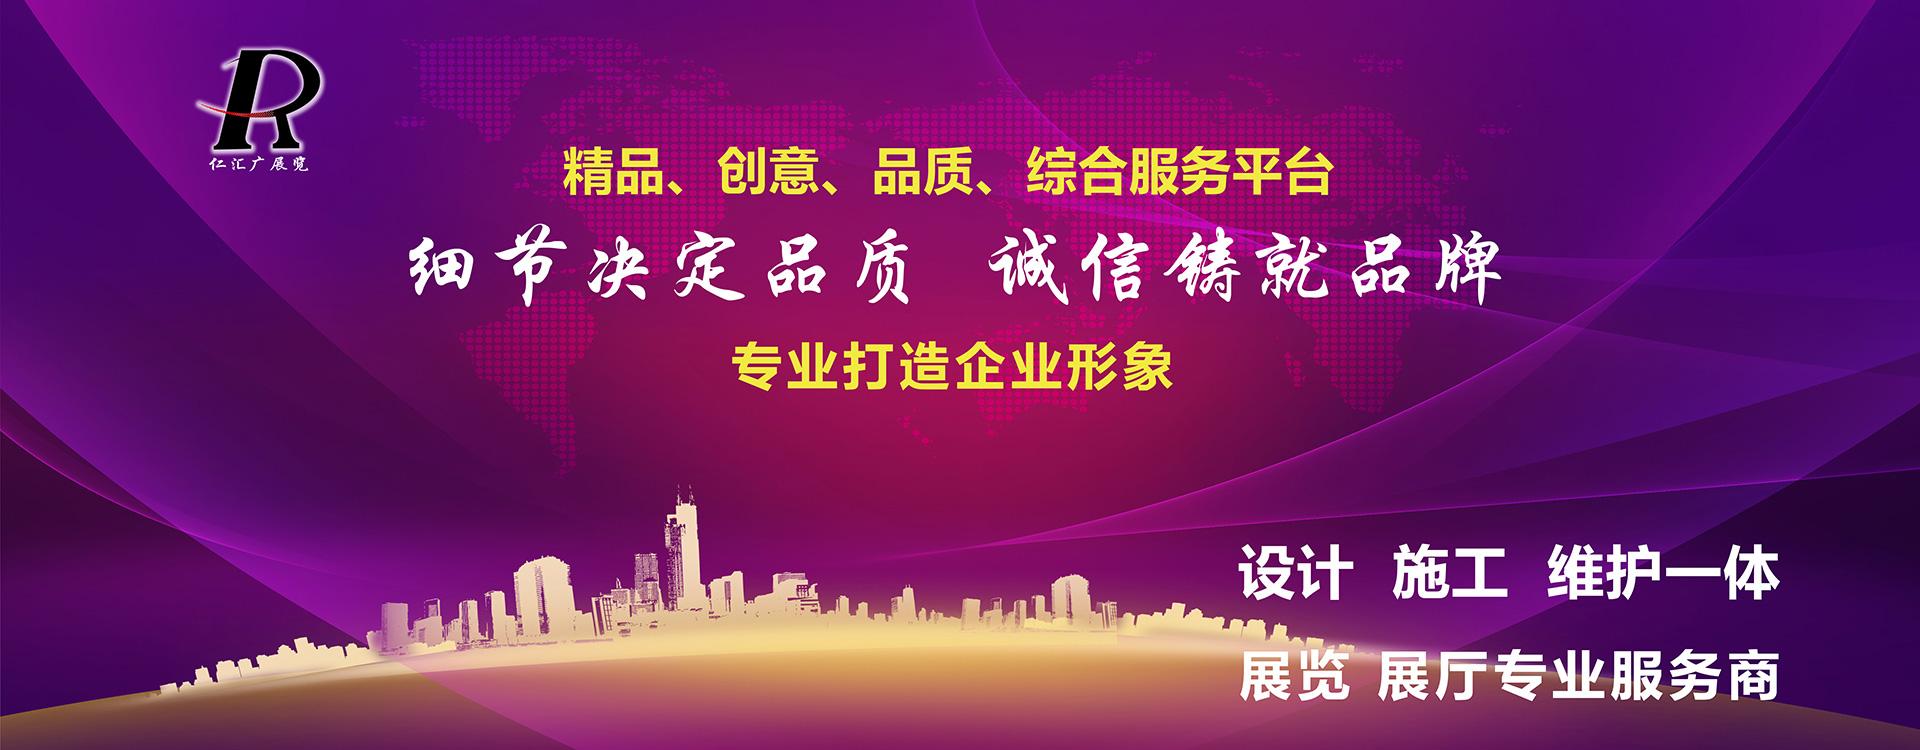 厦门仁汇广展览服务有限公司|网站